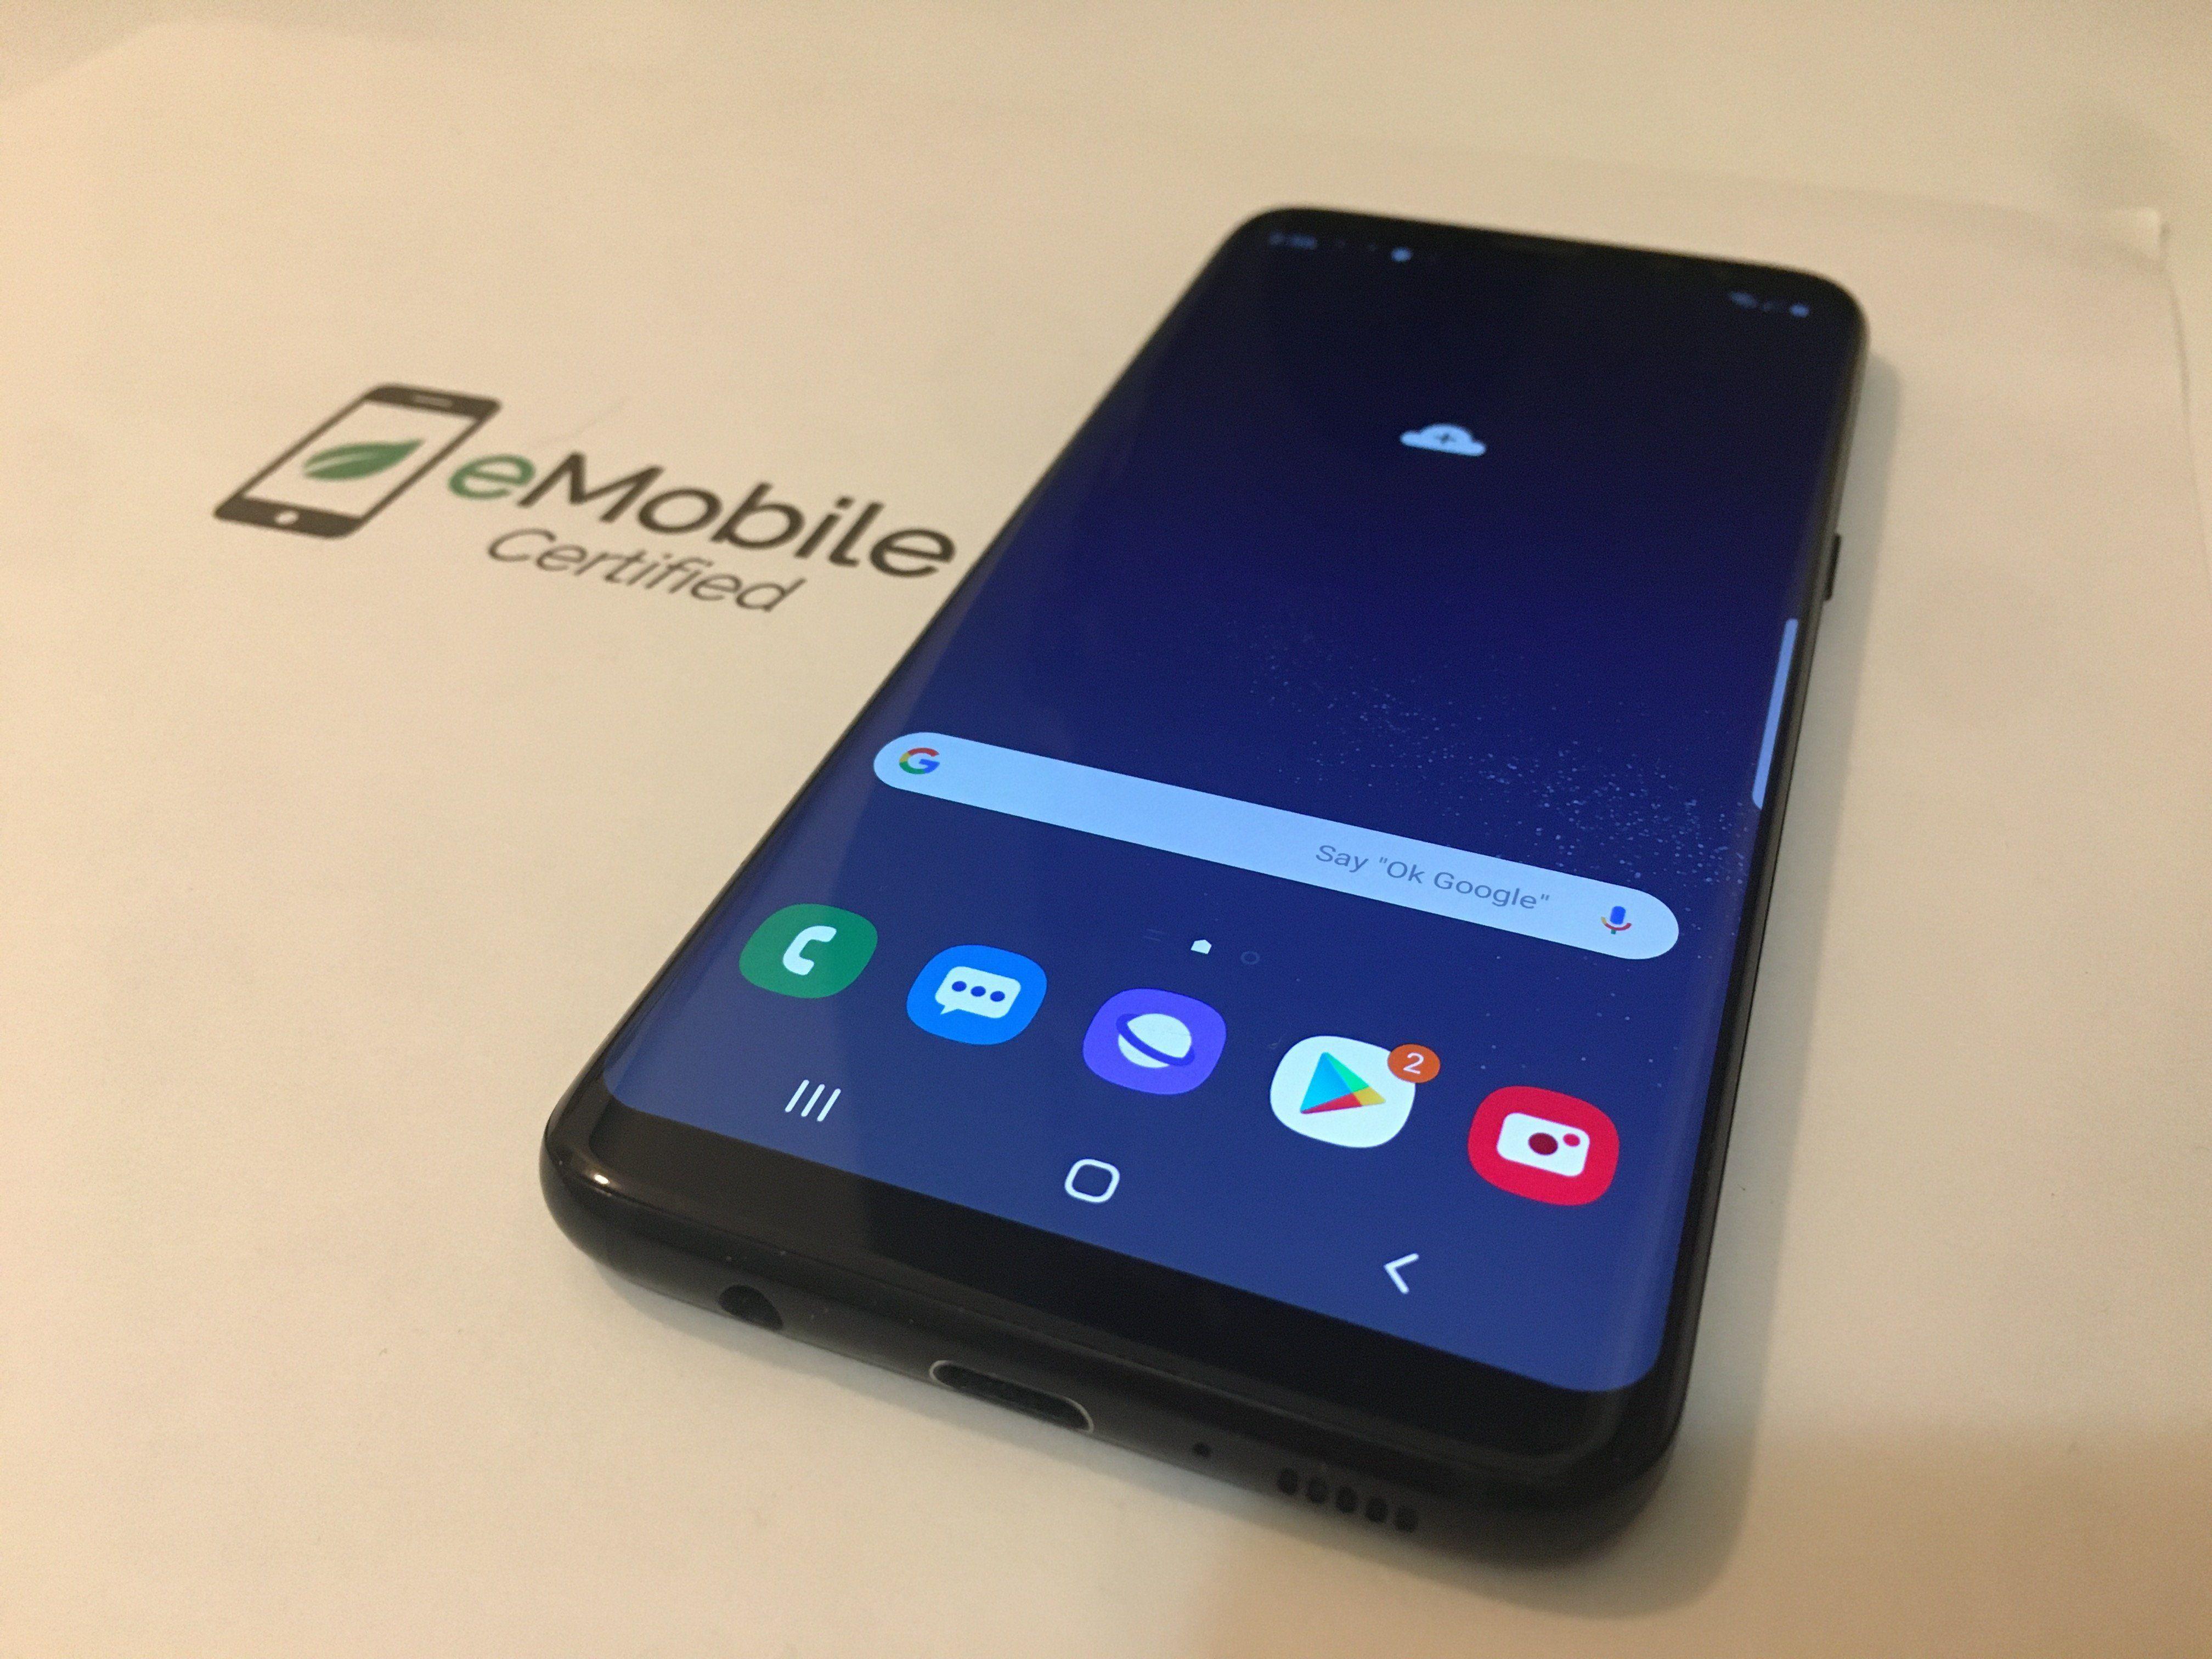 Samsung Galaxy S8 64gb Black Smartphone Bis 250 Euro Mit Guter Kamerawenn Sie Auf Der Suche Nach Den Besten Kamer In 2020 Handy Kaufen Smartphone Handy Ladestation